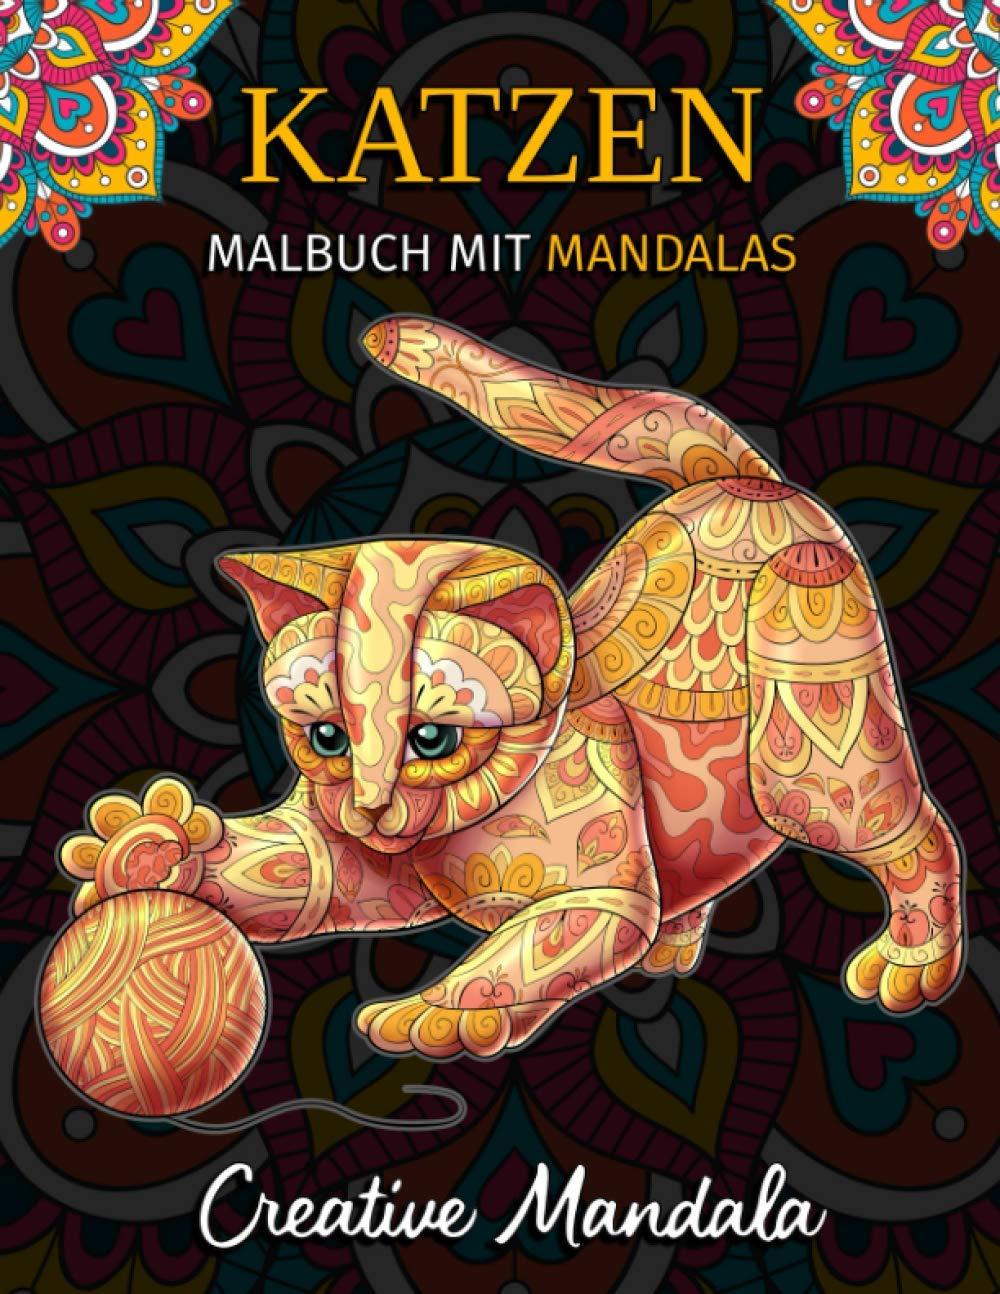 Katzen Malbuch mit Mandalas: Malbuch für Erwachsene mit 22